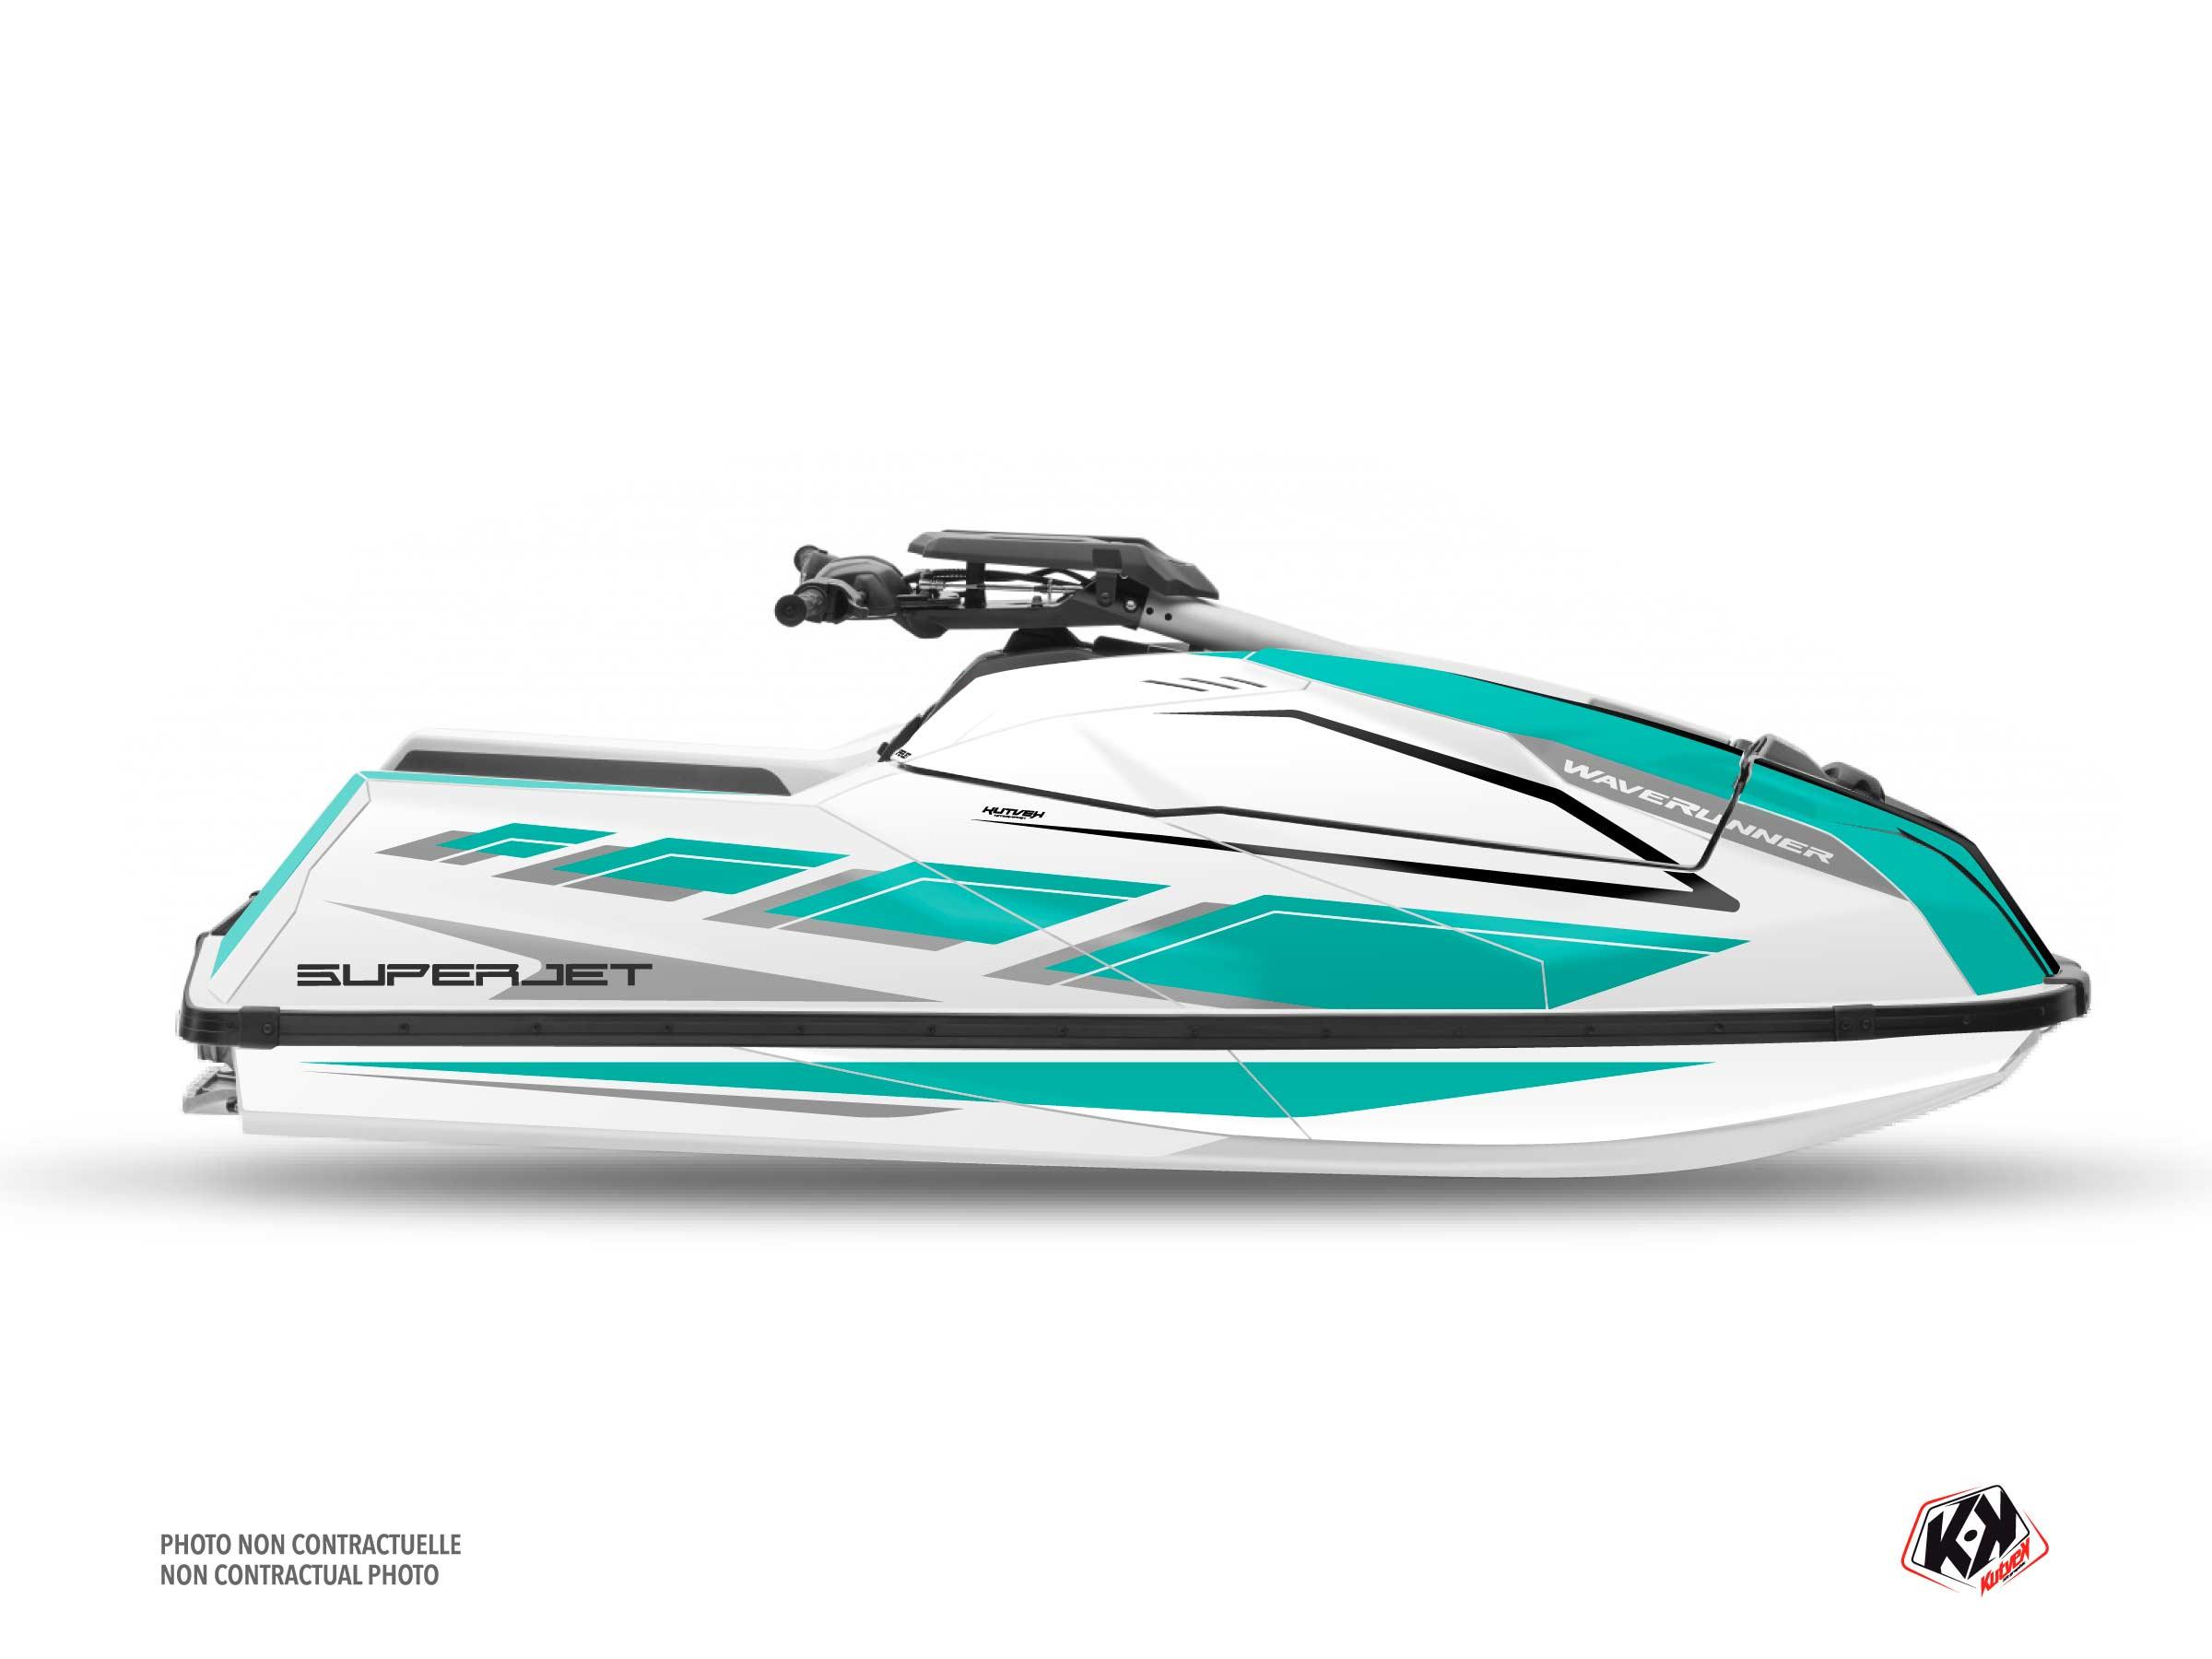 Kit Déco Jet-Ski PERF Yamaha Superjet 2021 Turquoise